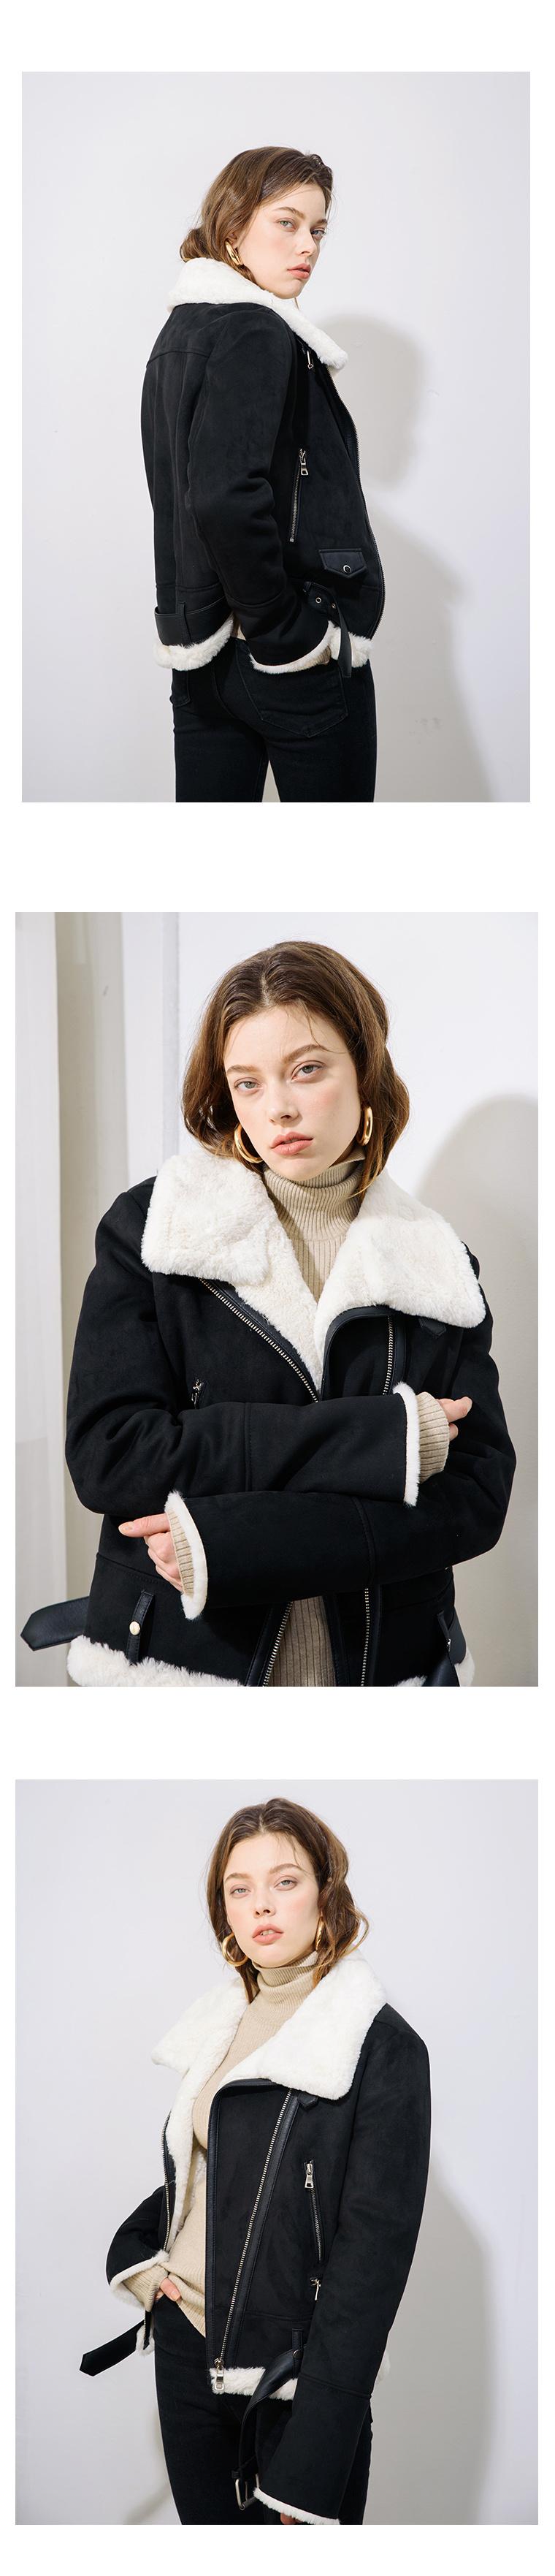 모노클로즈(MONOCLOTHES) 스웨이드 무스탕 자켓 WHITE